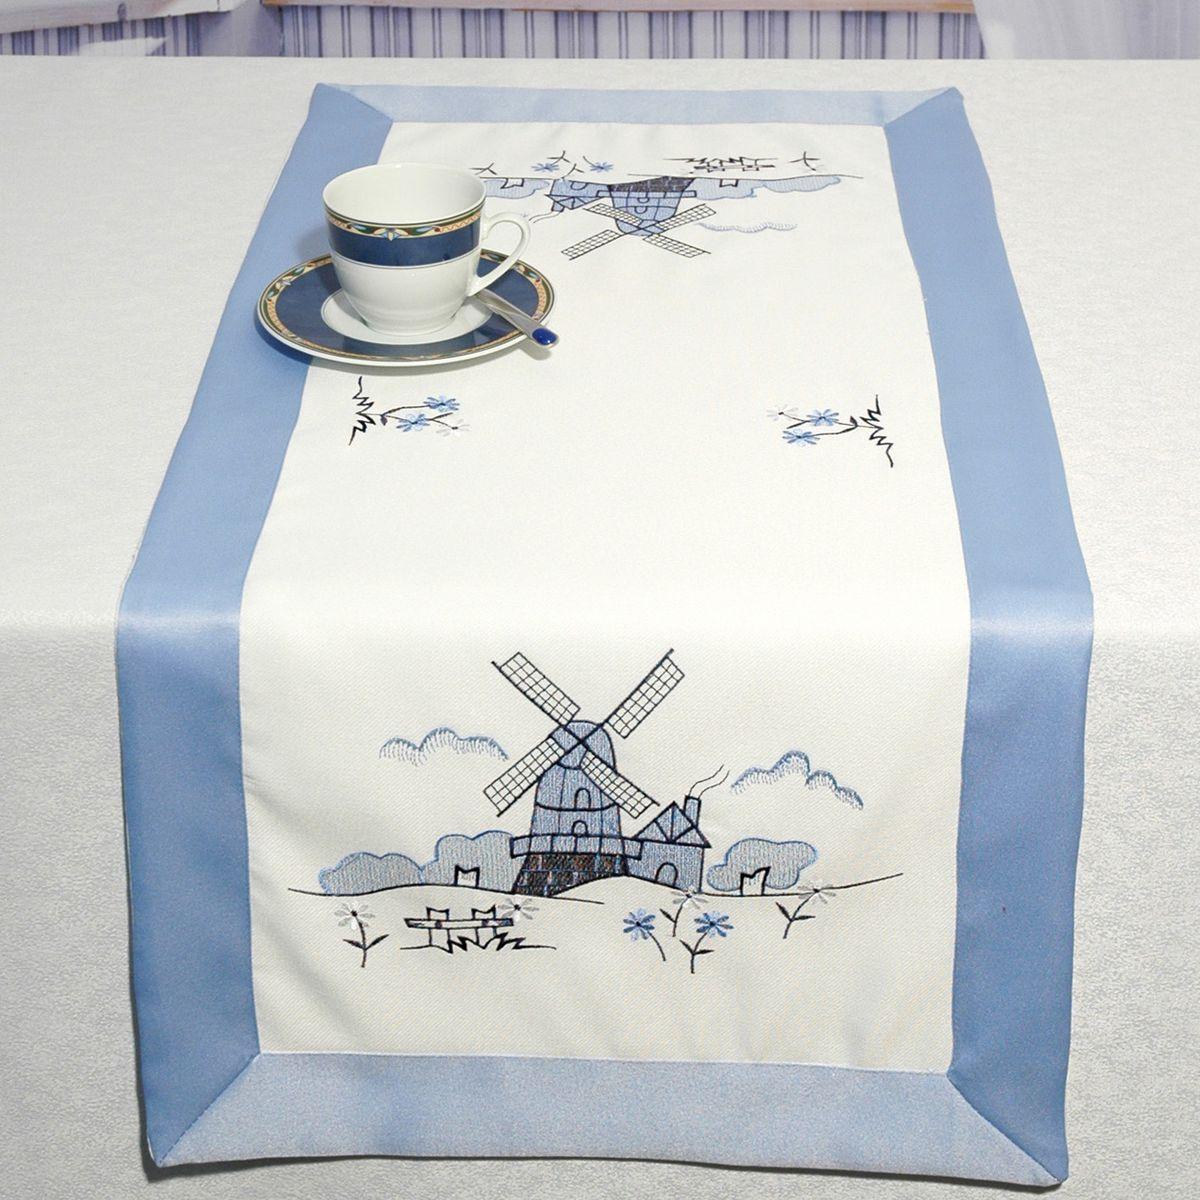 Дорожка для декорирования стола Schaefer, 40 x 90 см, цвет: белый, голубой. 06886-20006886-200Дорожка для декорирования стола Schaefer может быть использована, как основной элемент, так и дополнение для создания уюта и романтического настроения.Дорожка выполнена из полиэстера. Изделие легко стирать: оно не мнется, не садится и быстро сохнет, более долговечно, чем изделие из натуральных волокон.Материал: 100% полиэстер.Размер: 40 x 90 см.